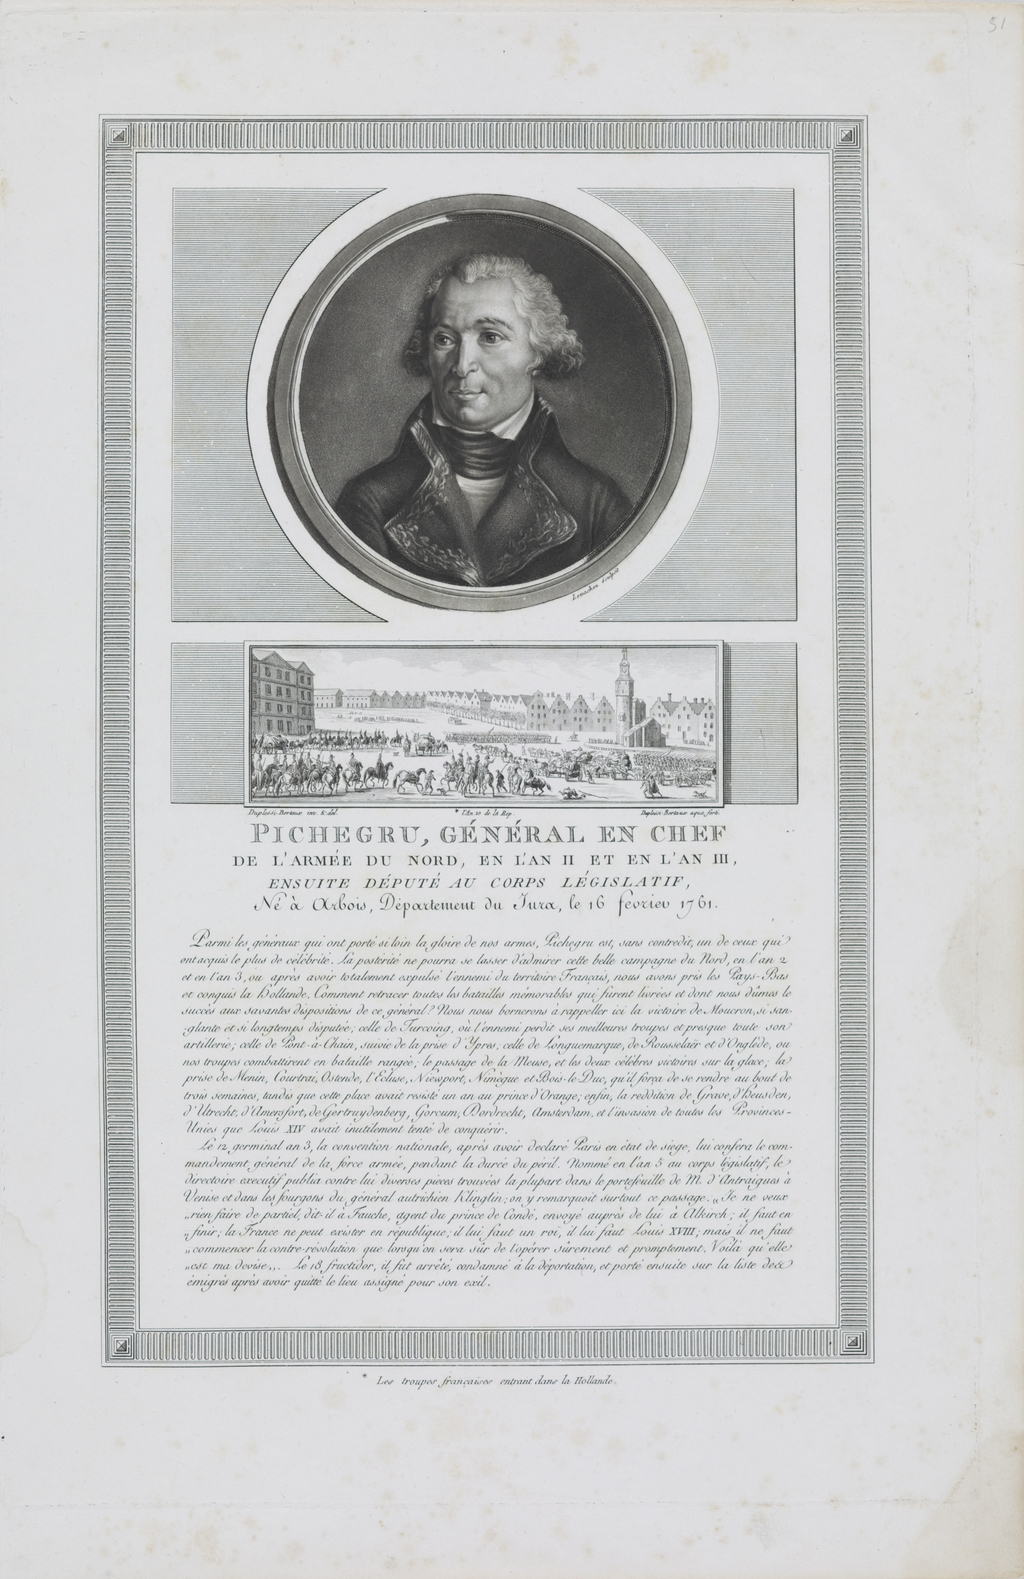 Pichegru, général en chef de l'armée du Nord, en l'an II et en l'an III, du recueil des Tableaux historiques de la Révolution française (1791-1817)